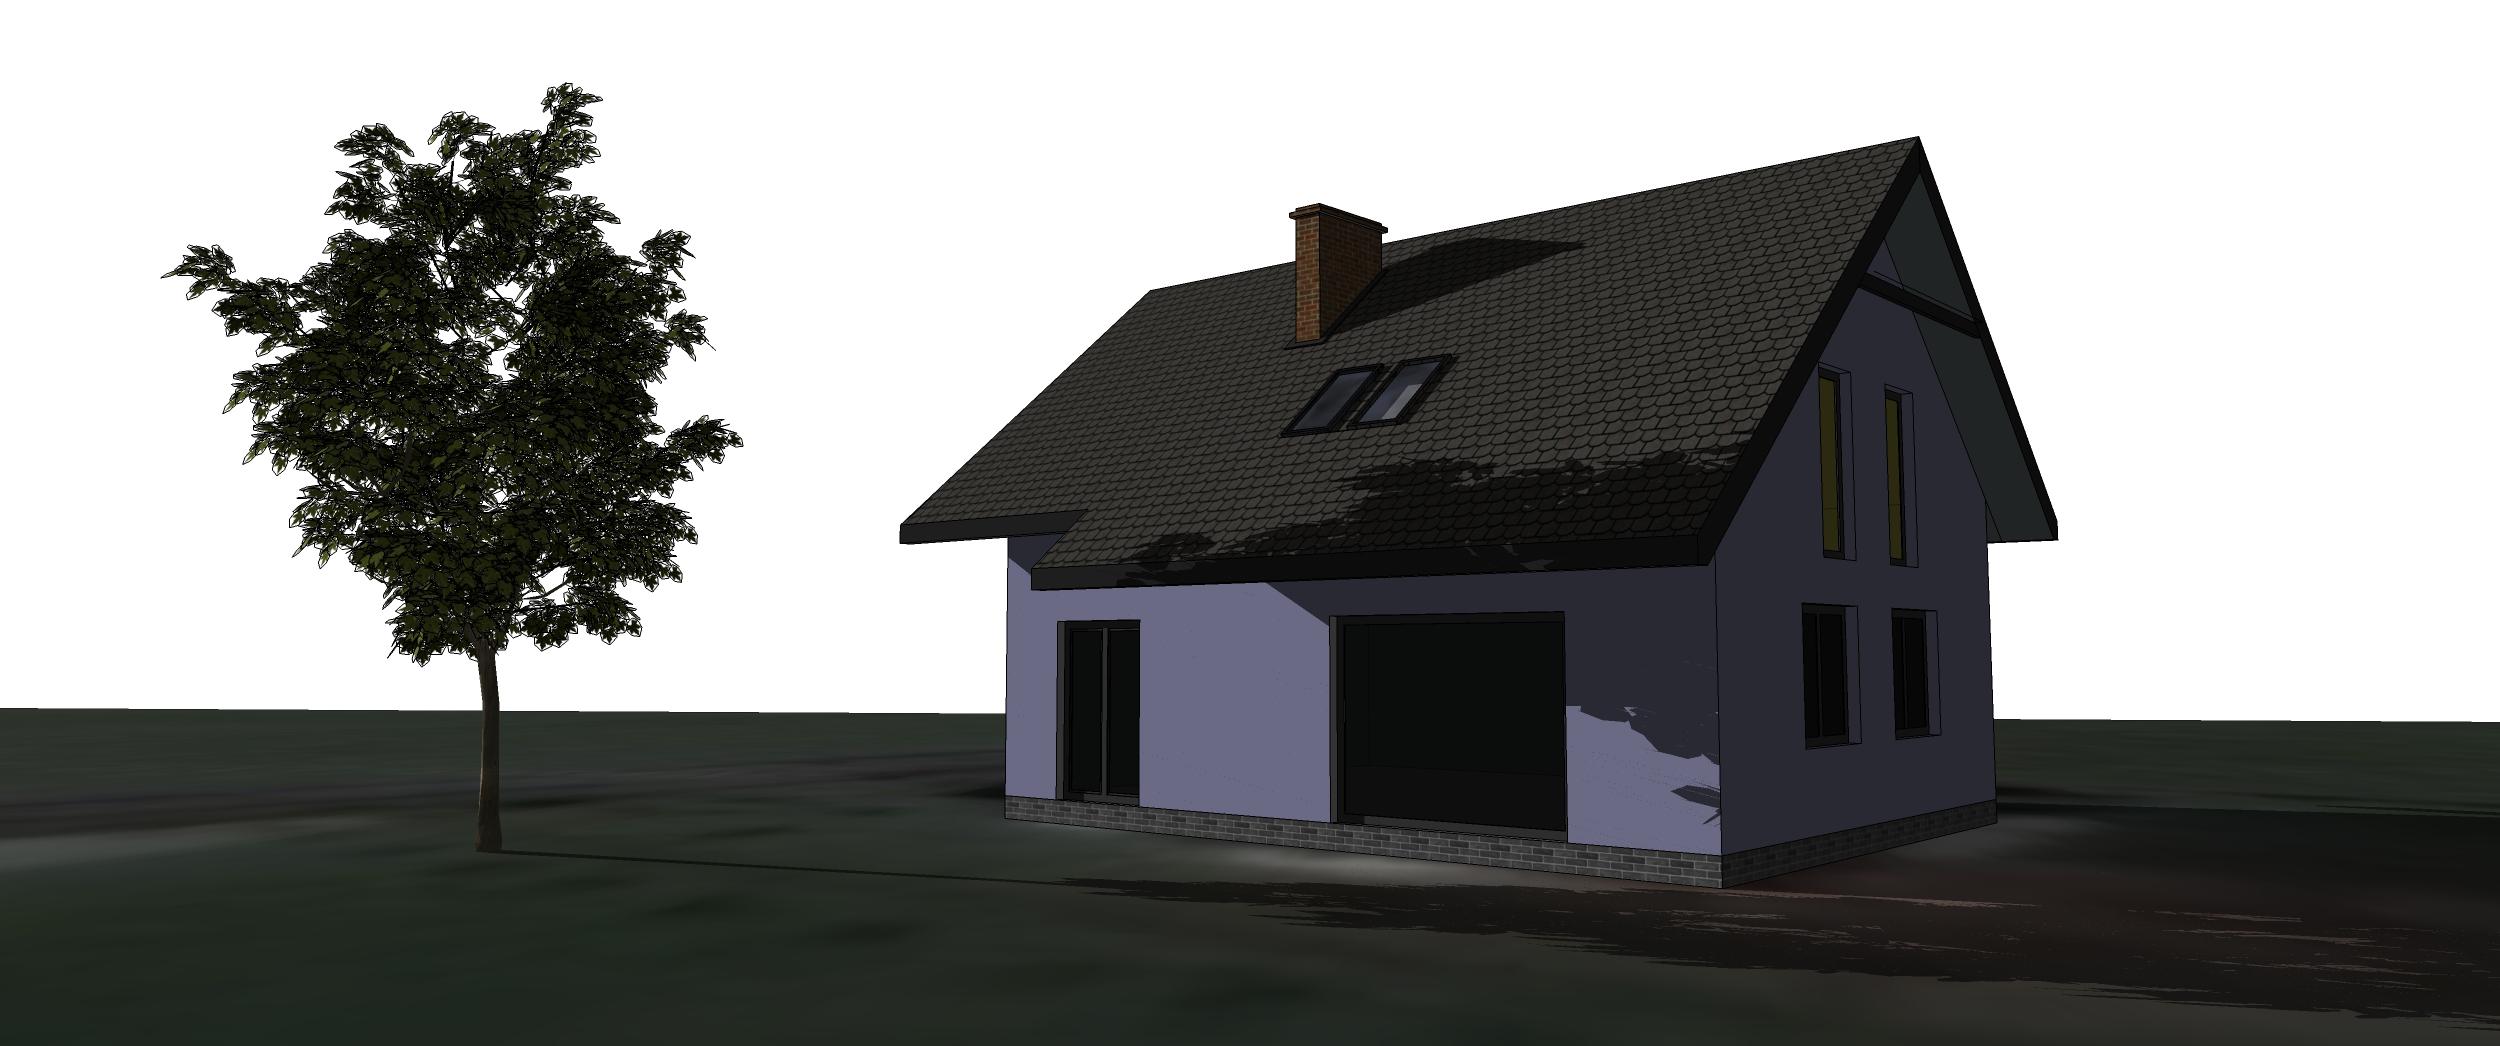 Wizualizacja domku z dachem dwuspadowym